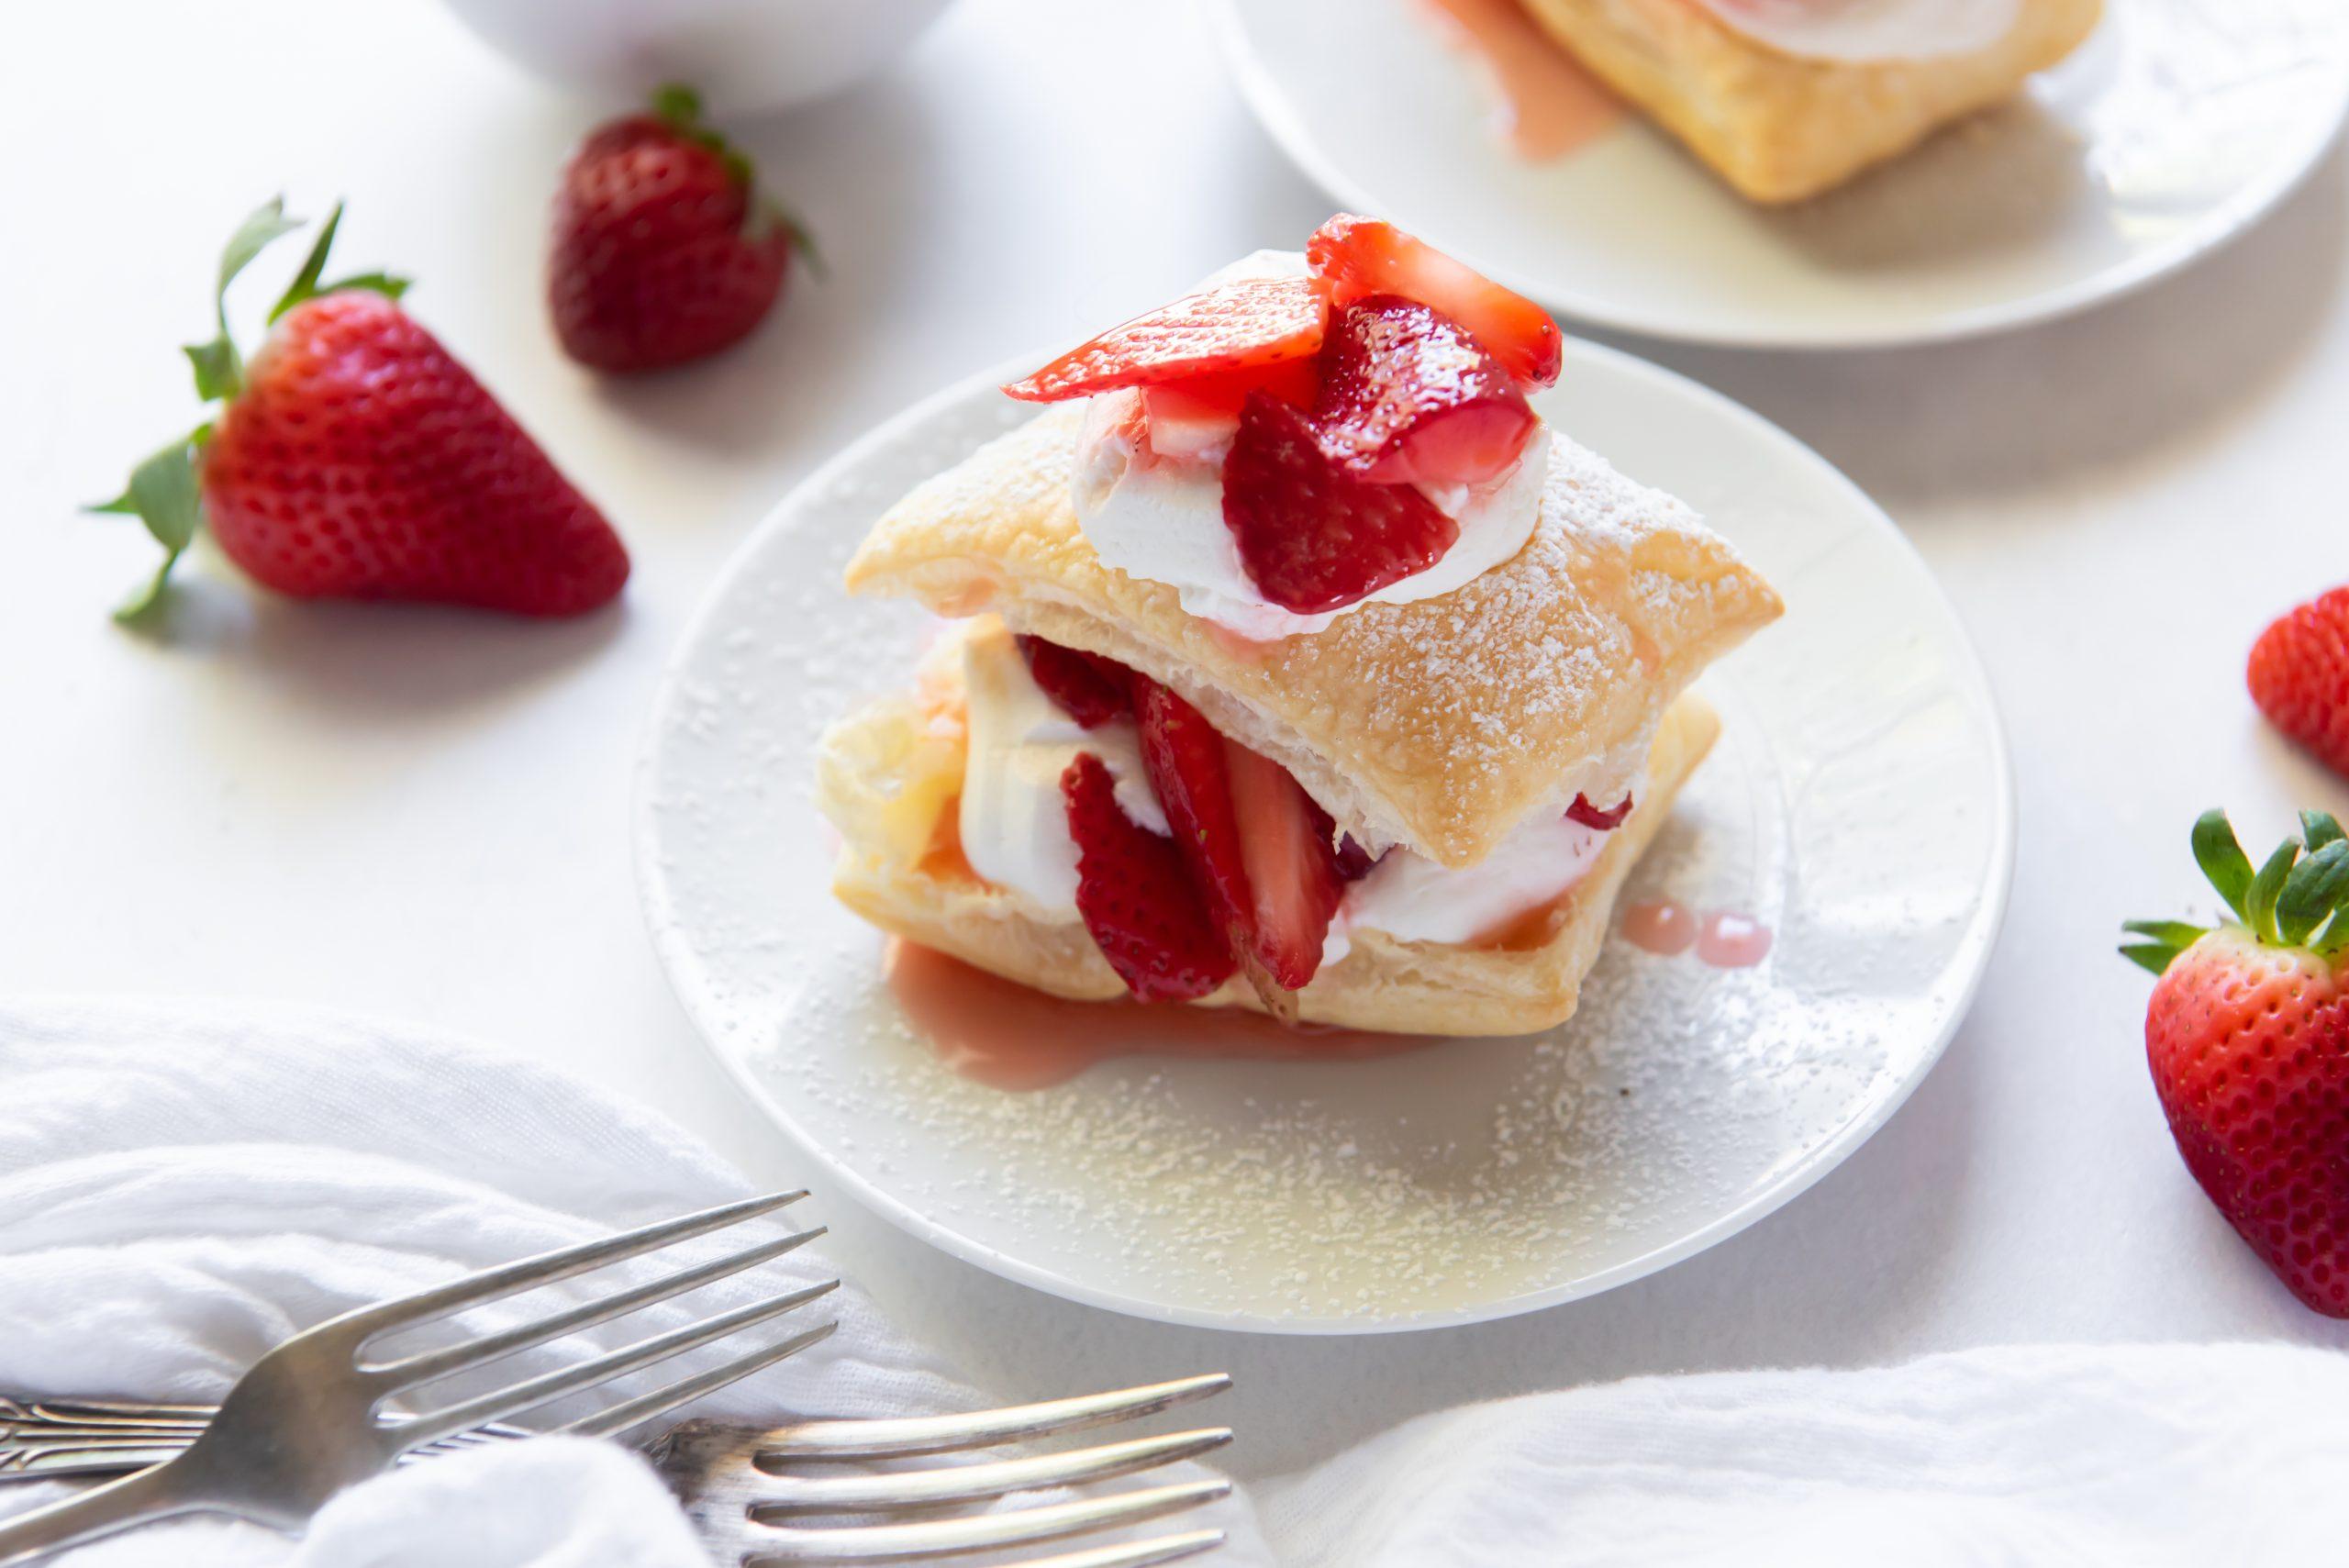 shortcake on a white platte